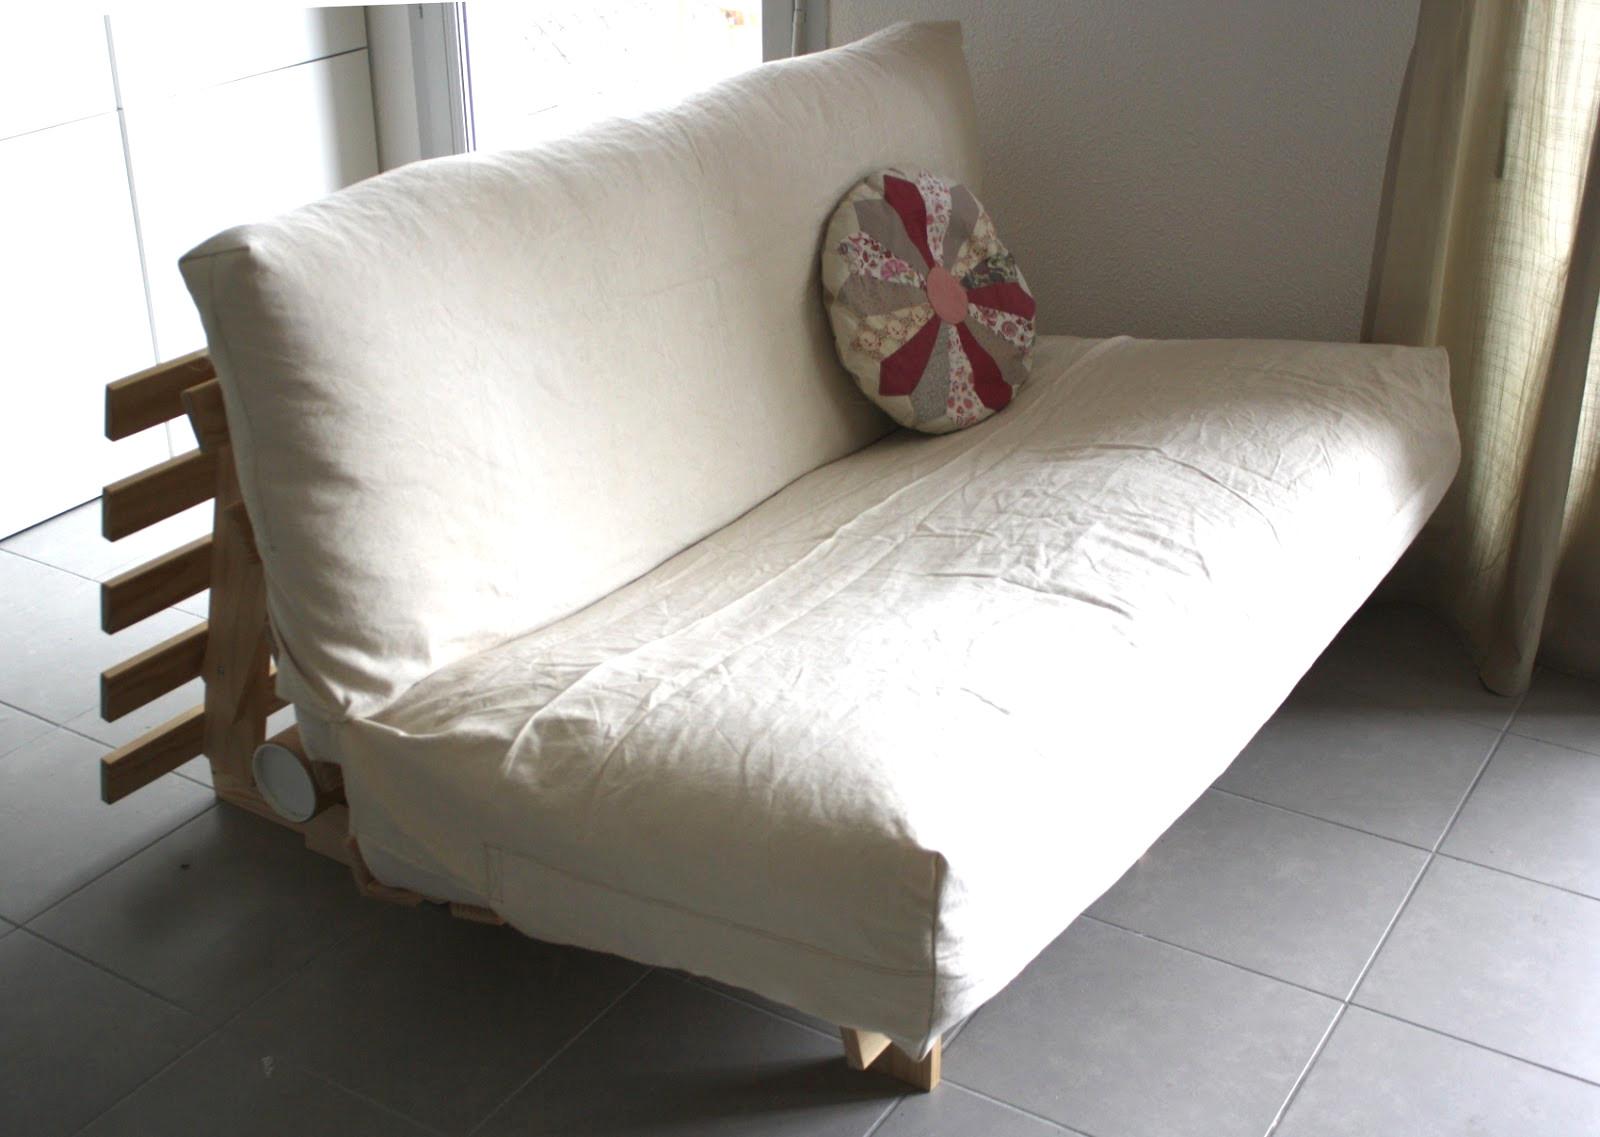 La Redoute Housse Canapé Impressionnant Photos Housse De Canap Ik A 15 Avec Matelas Futon Ikea but Futon Literie Et